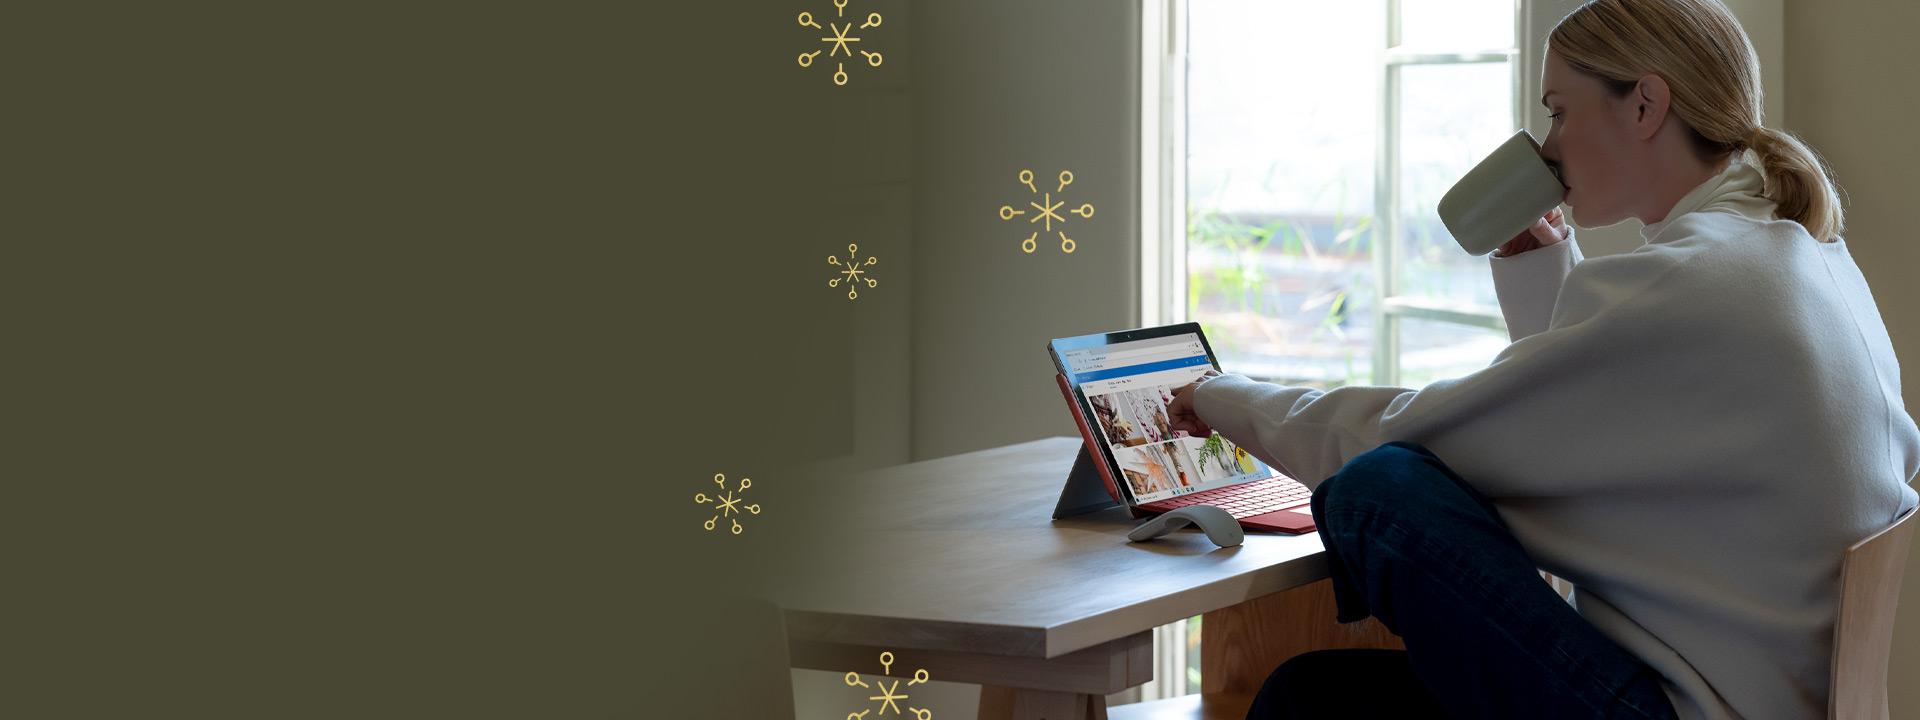 Uma pessoa à mesa com um Surface Pro 7